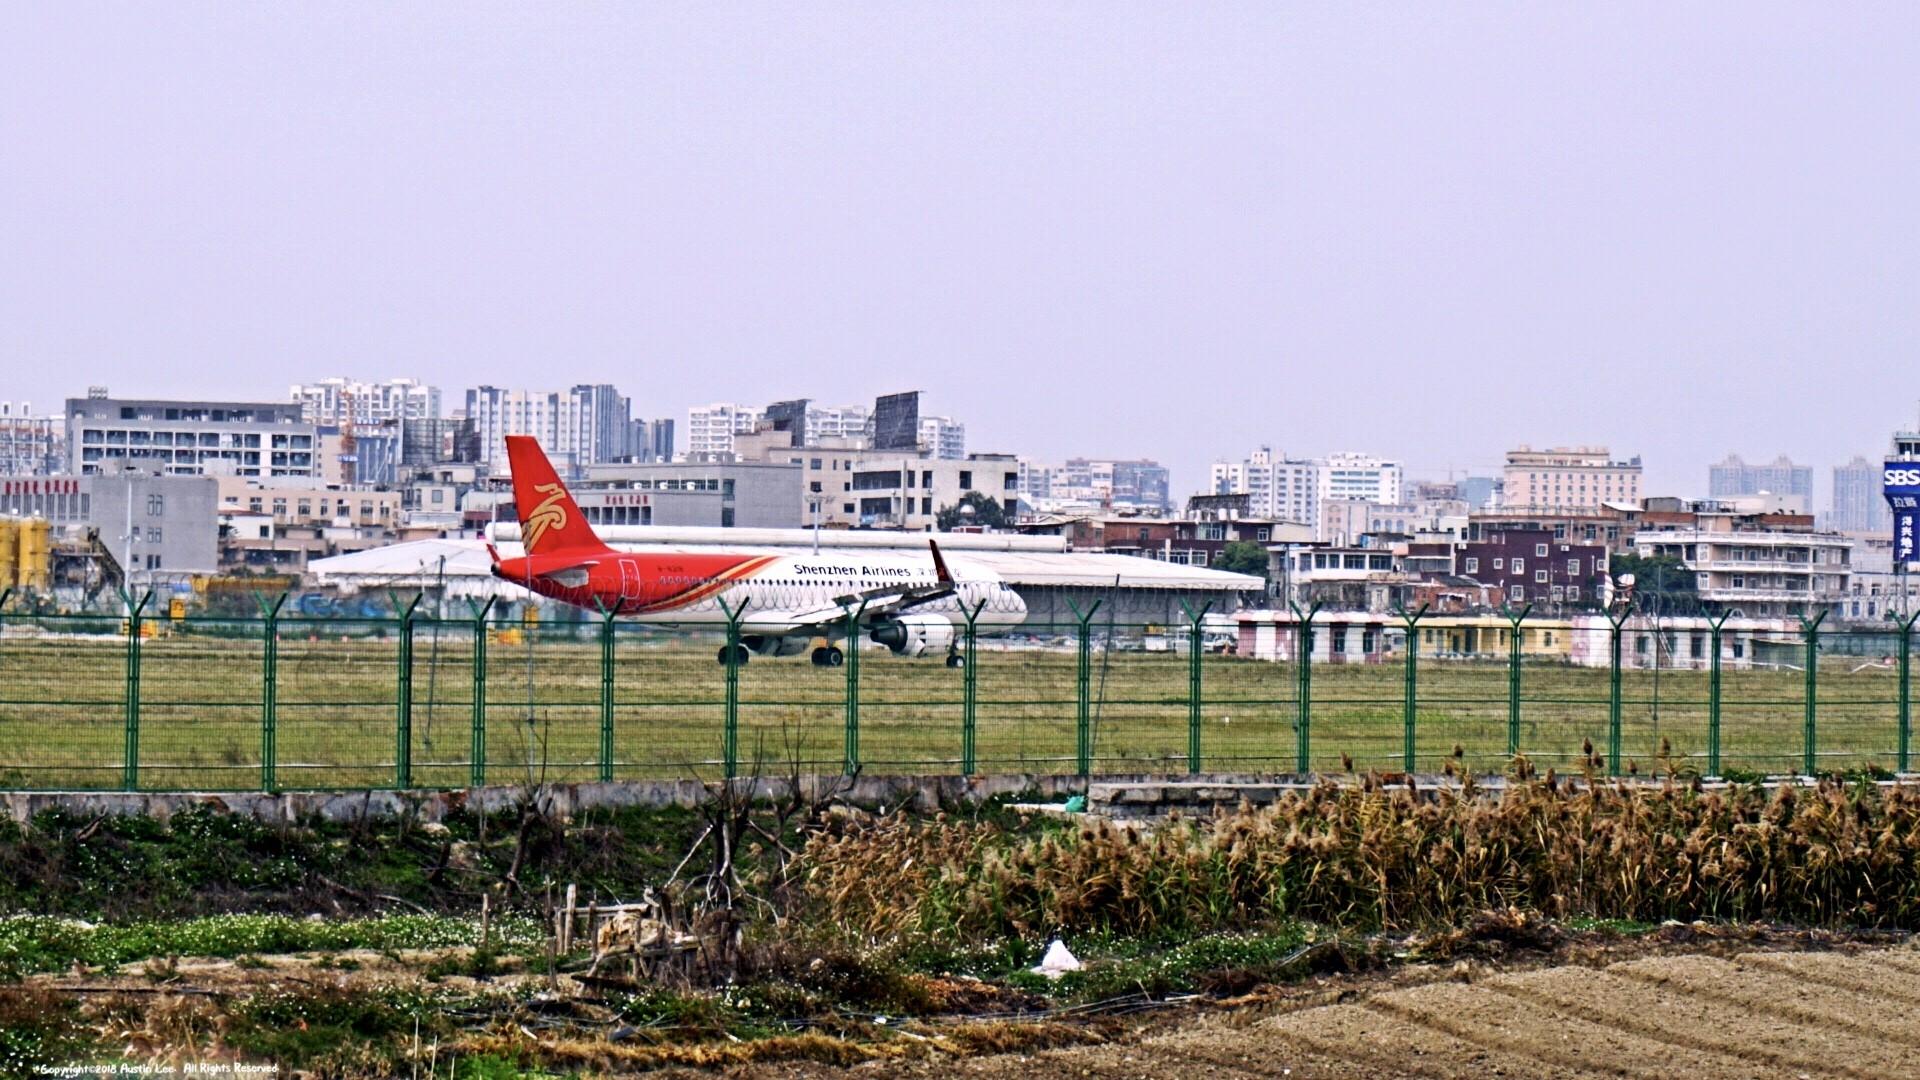 Re:[原创]【JJN】第一次外场拍终于如愿·Feb20th~ AIRBUS A320-214(SL) B-8219 中国泉州晋江国际机场